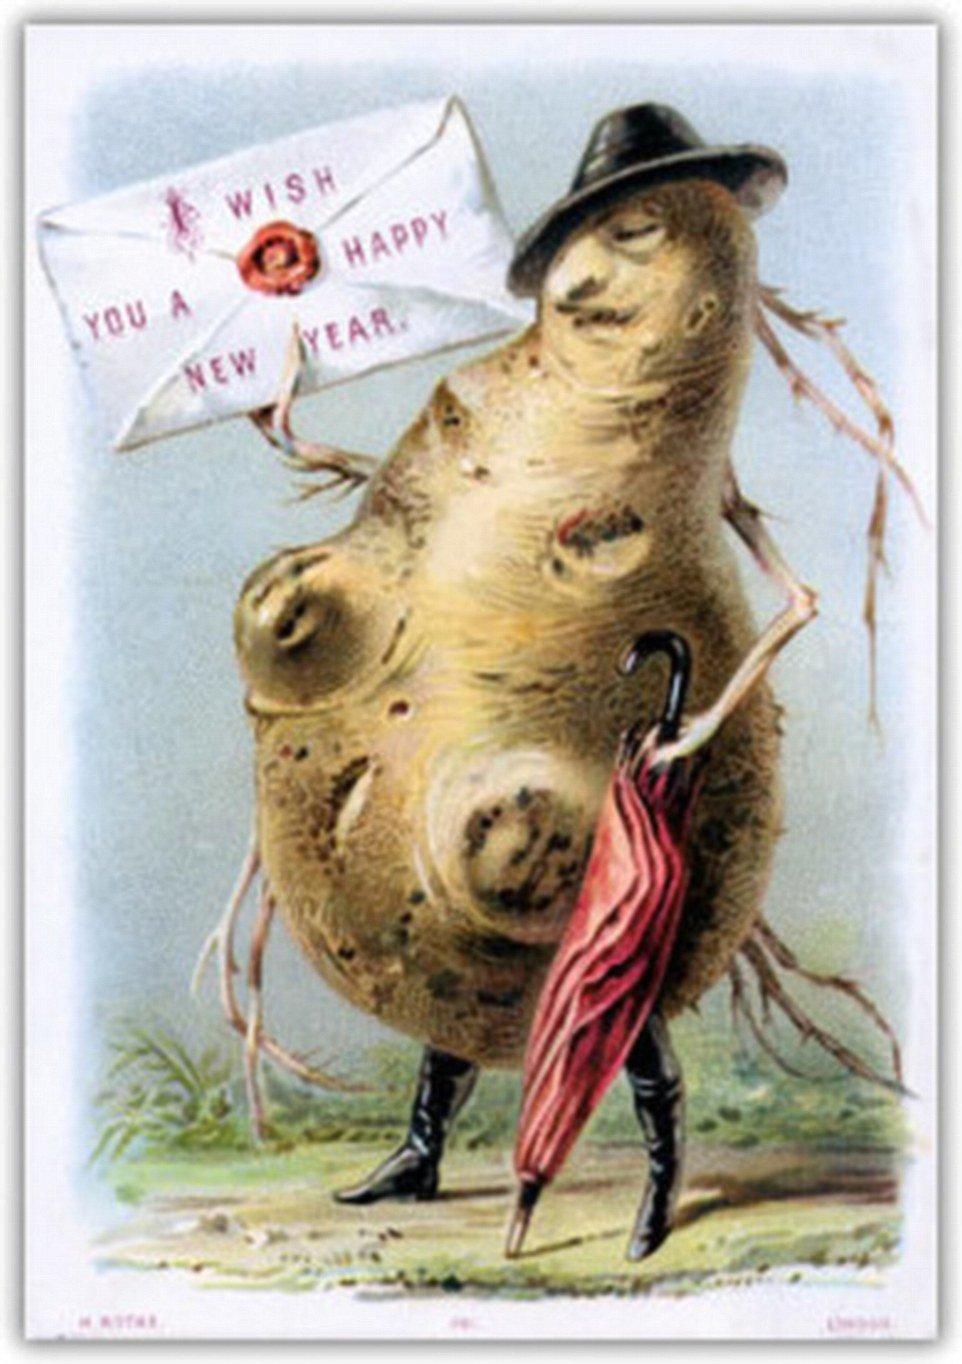 самые безумные новогодние открытки рождество новый год отвратительные мужики dusgusting men bizarre postcards